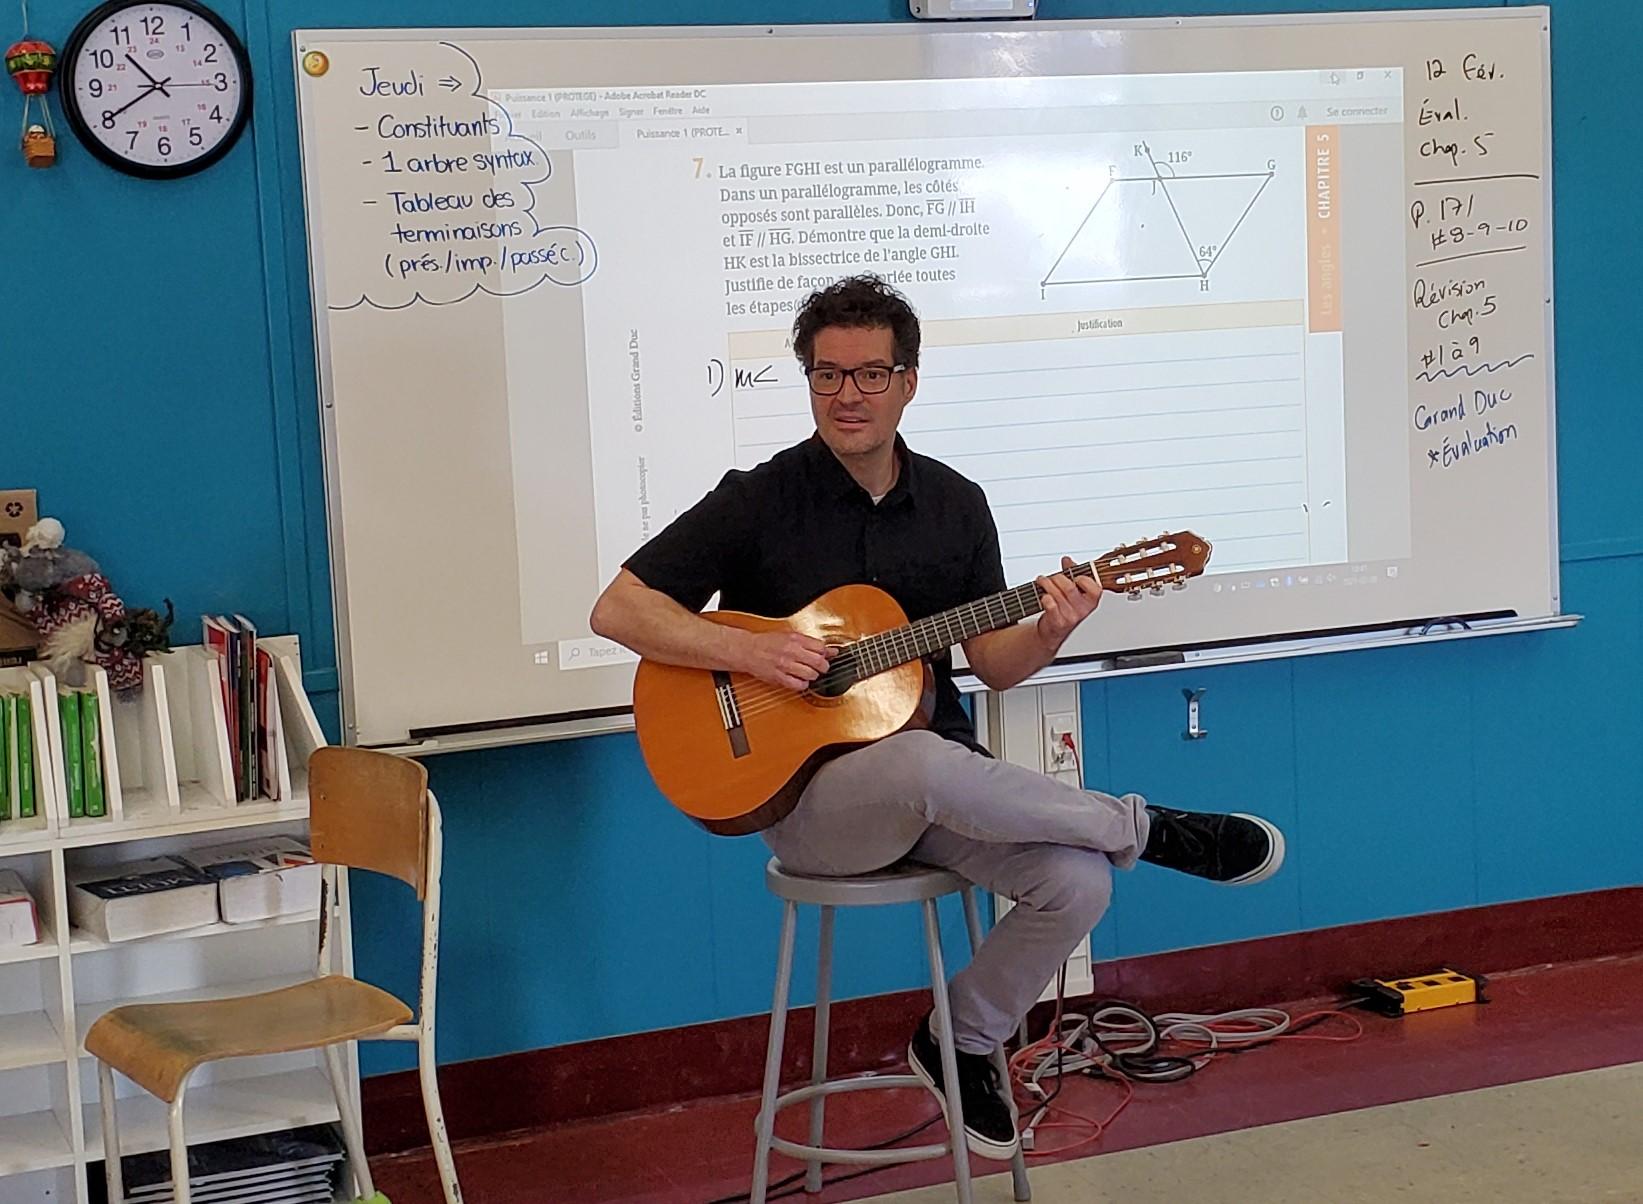 Pour susciter l'intérêt de ses élèves, Olivier Champagne peut jouer de la guitare en classe.